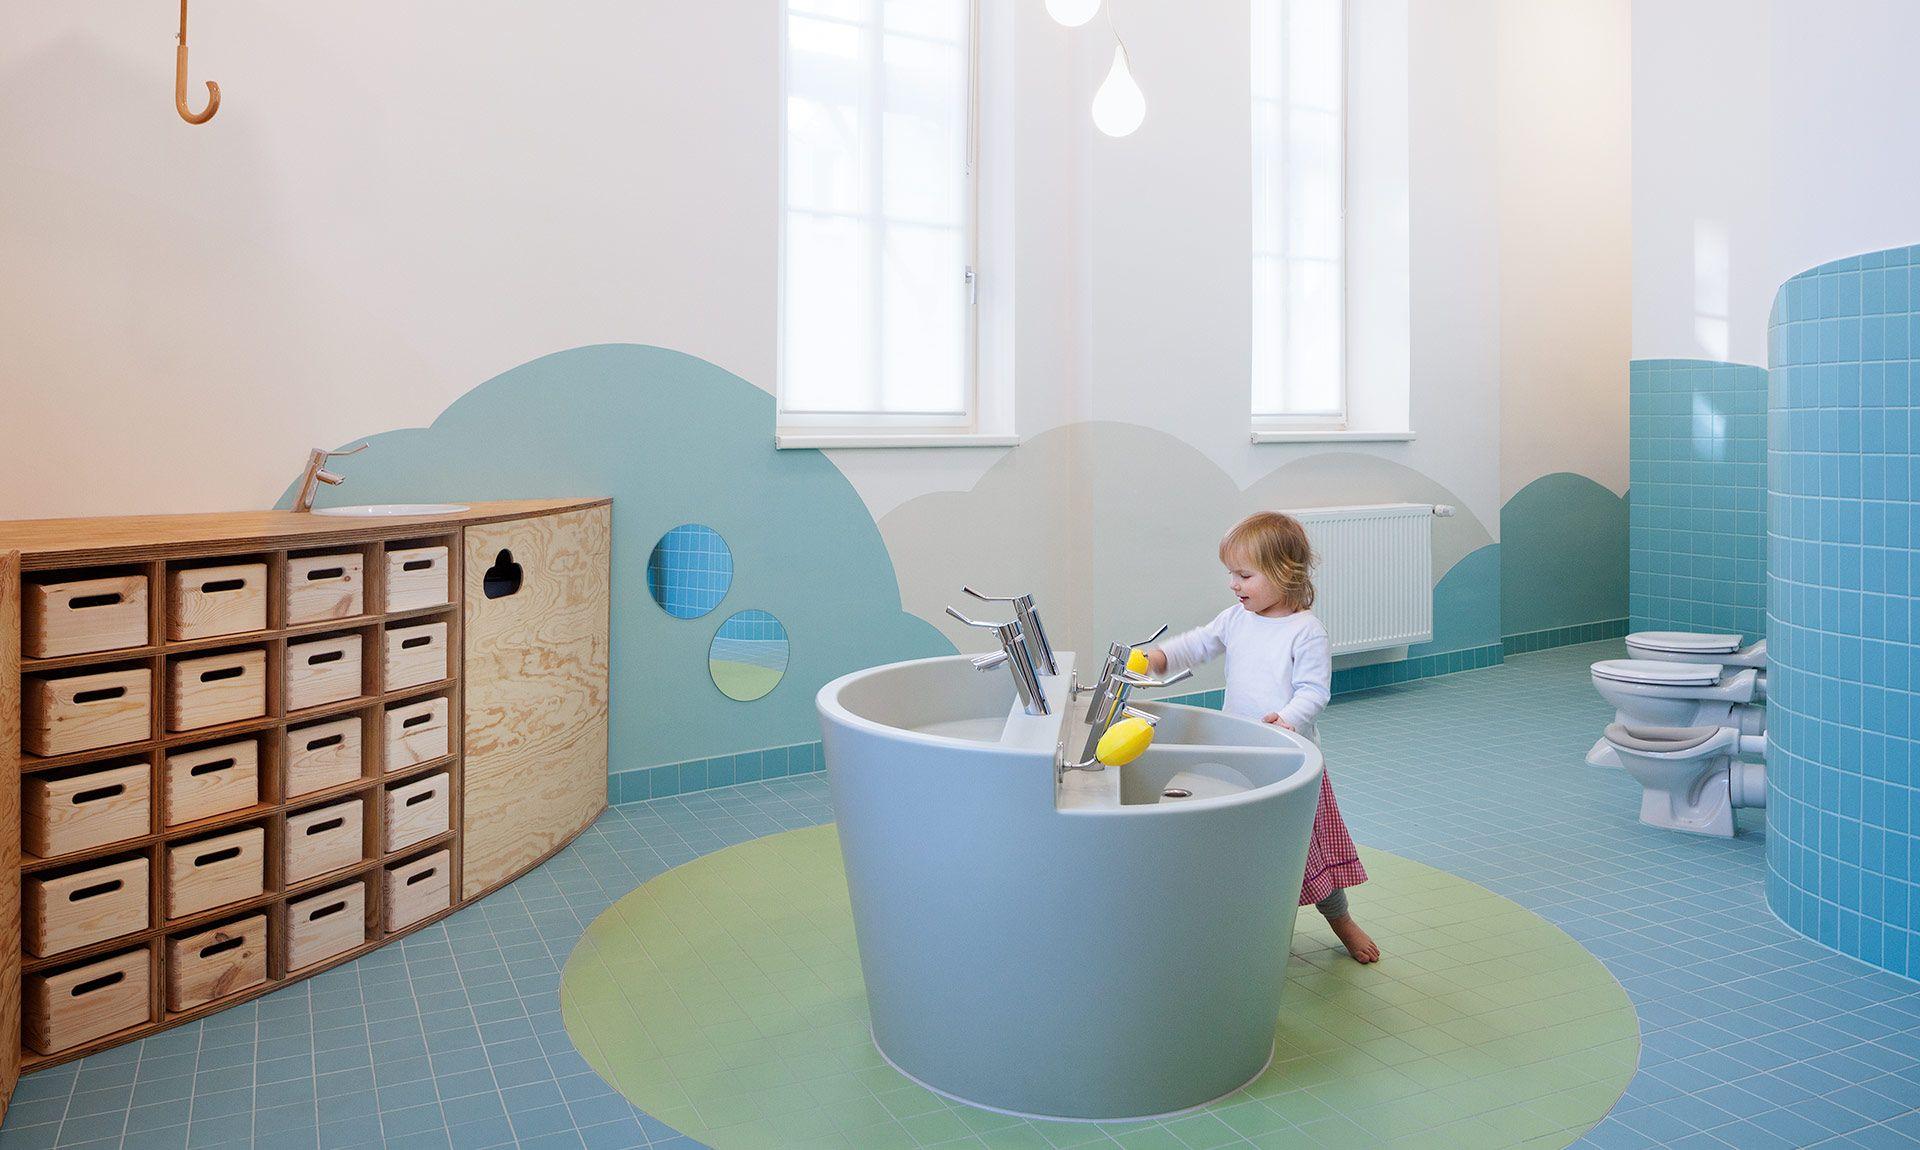 Kita Unterm Regenschirm Kind Badezimmer Kindergartenentwurf Wc